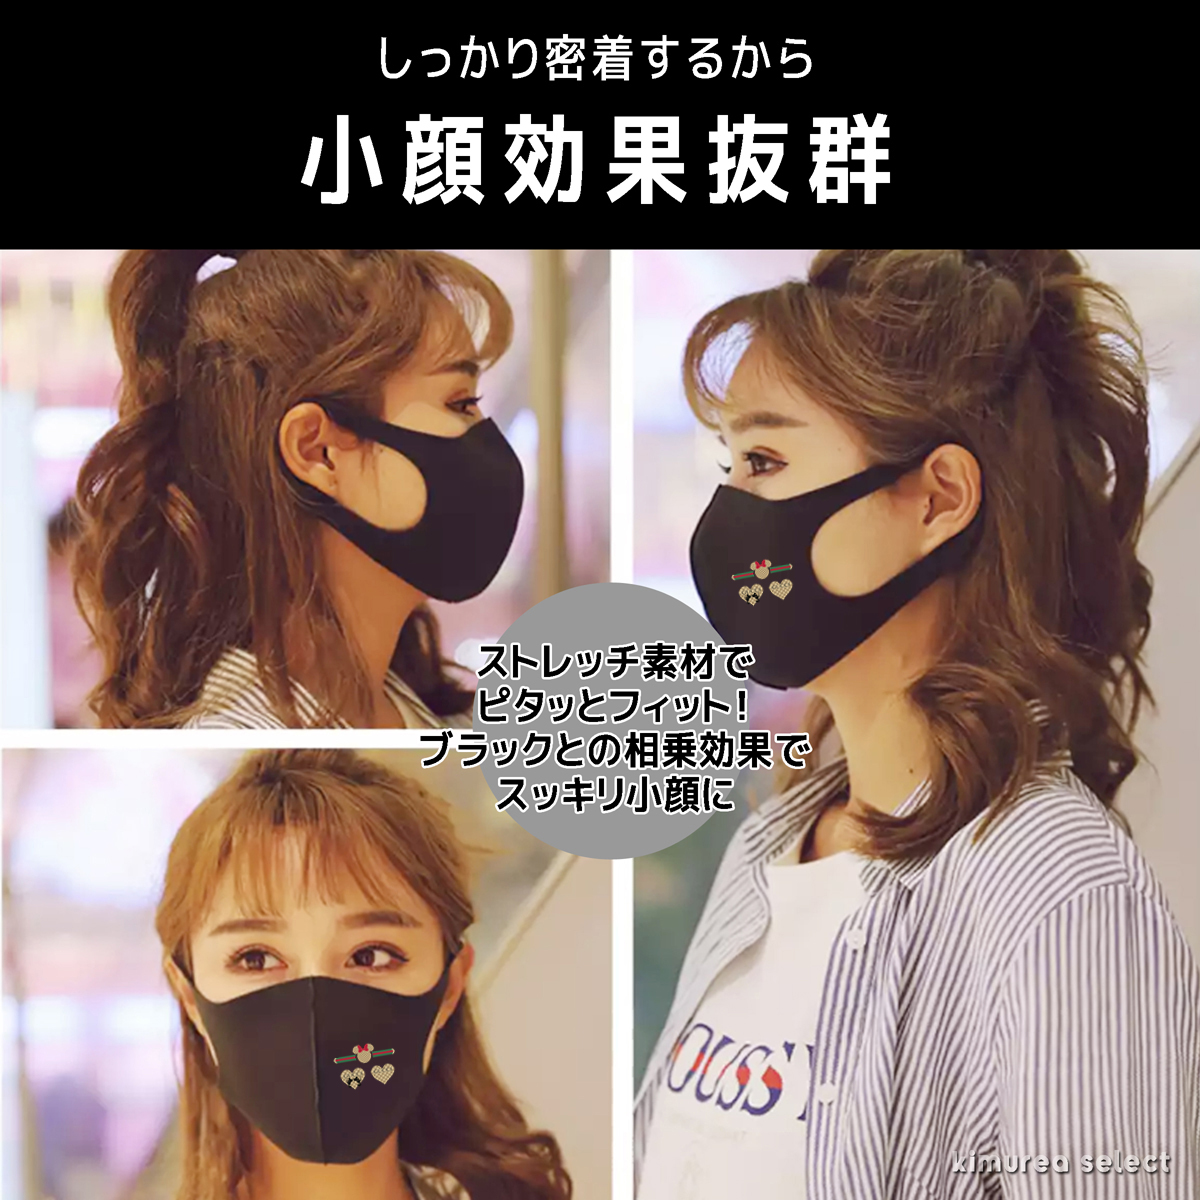 ハイブランドグッチディズニーコラボ洗えるマスク